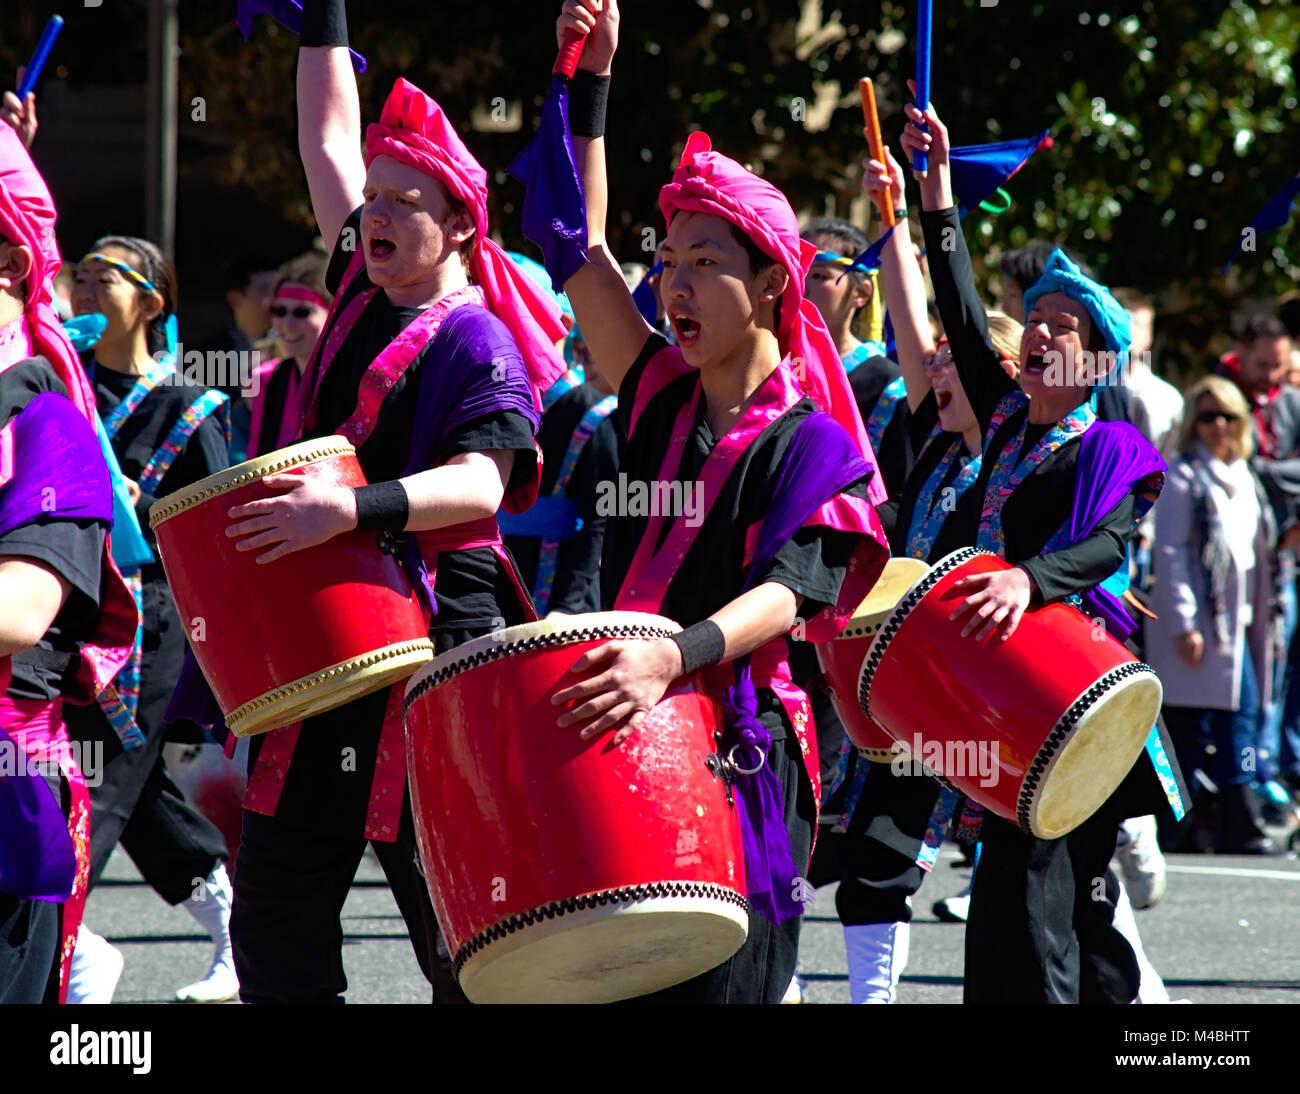 Percusionistas asiáticos desfile de los cerezos en flor en Washington D.C. Foto de stock